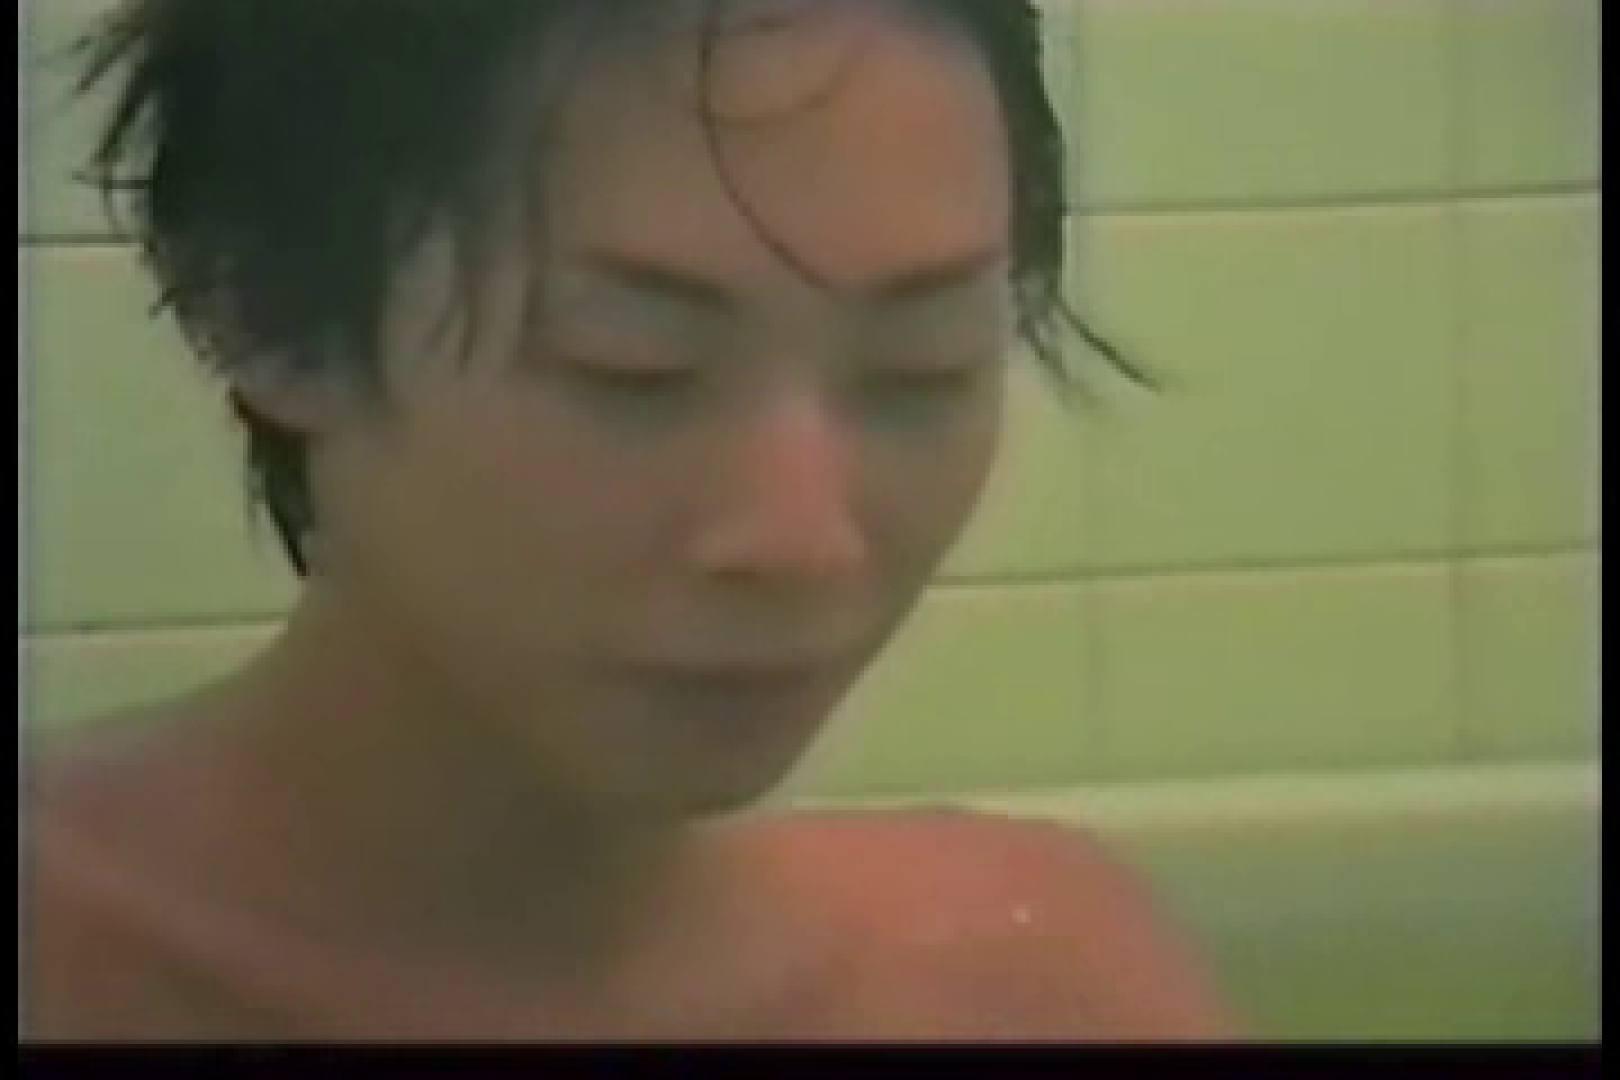 【個人製作】若き男子たちのジャム遊び モデルボーイ ゲイアダルトビデオ紹介 90枚 5